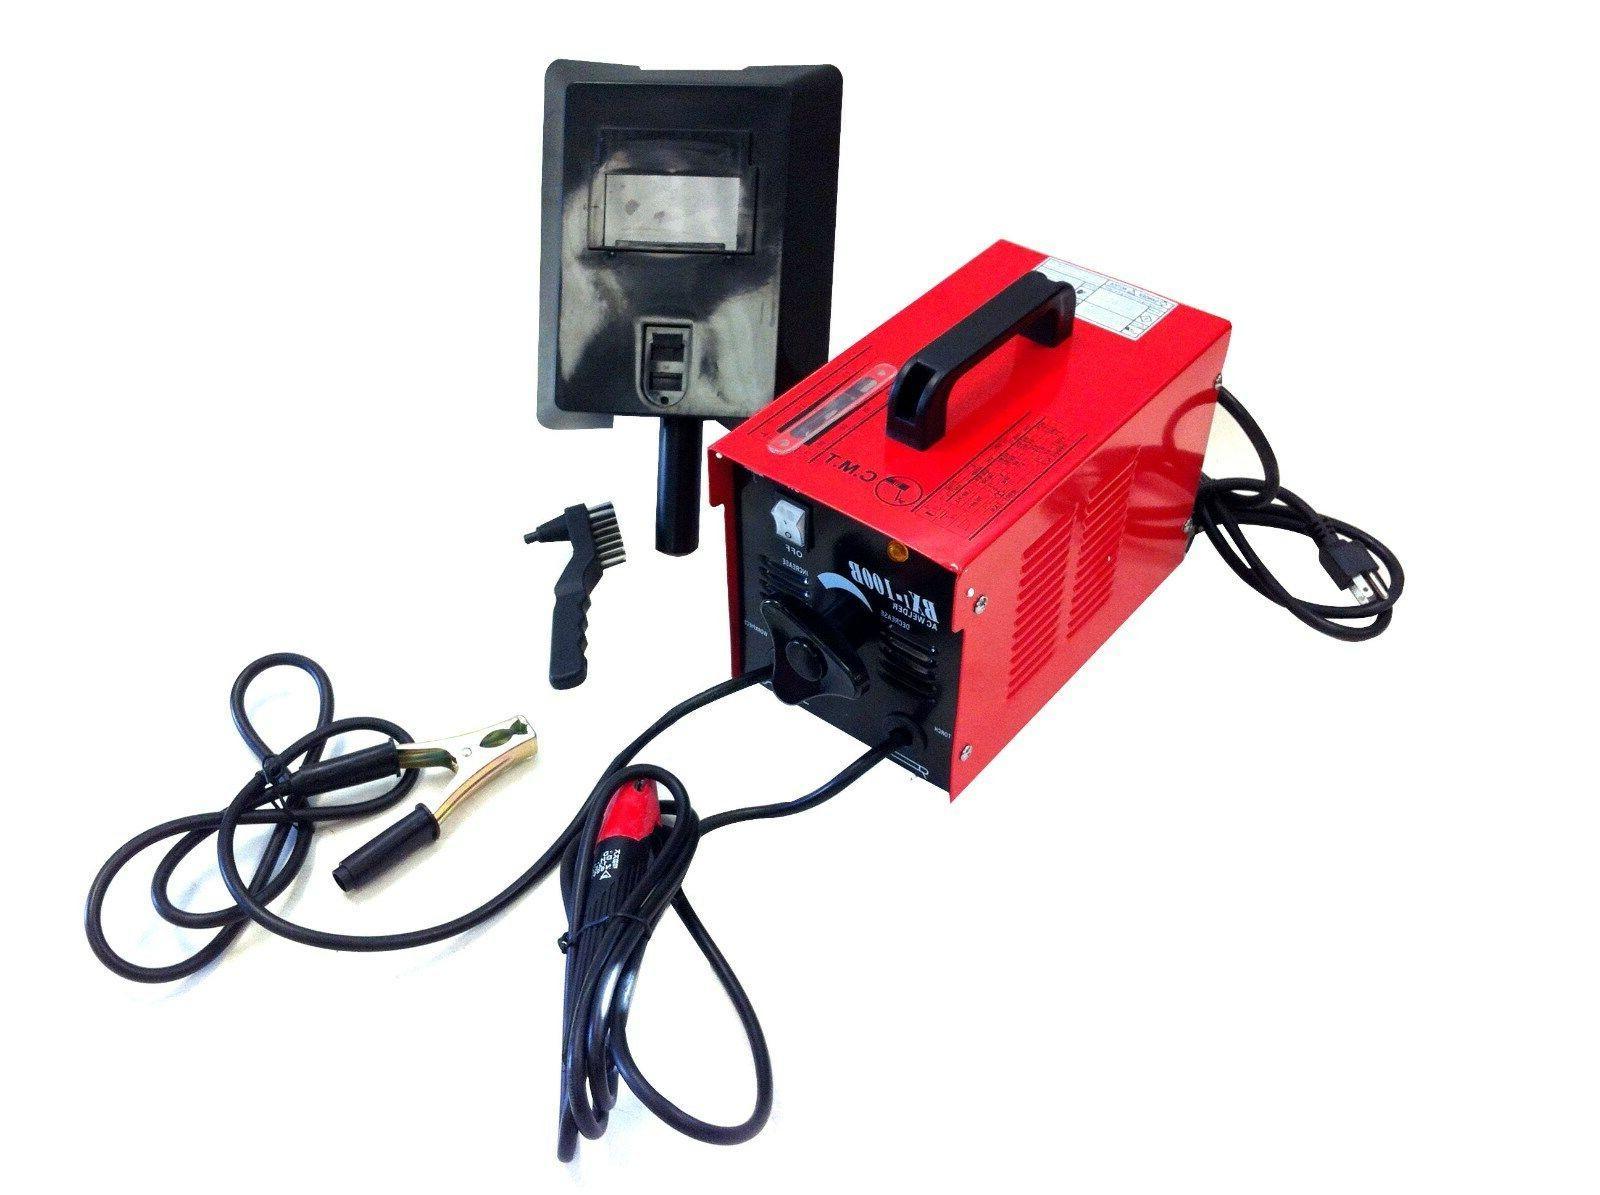 C.M.T Pitbull Ultra-Portable 100-Amp Electric 110V